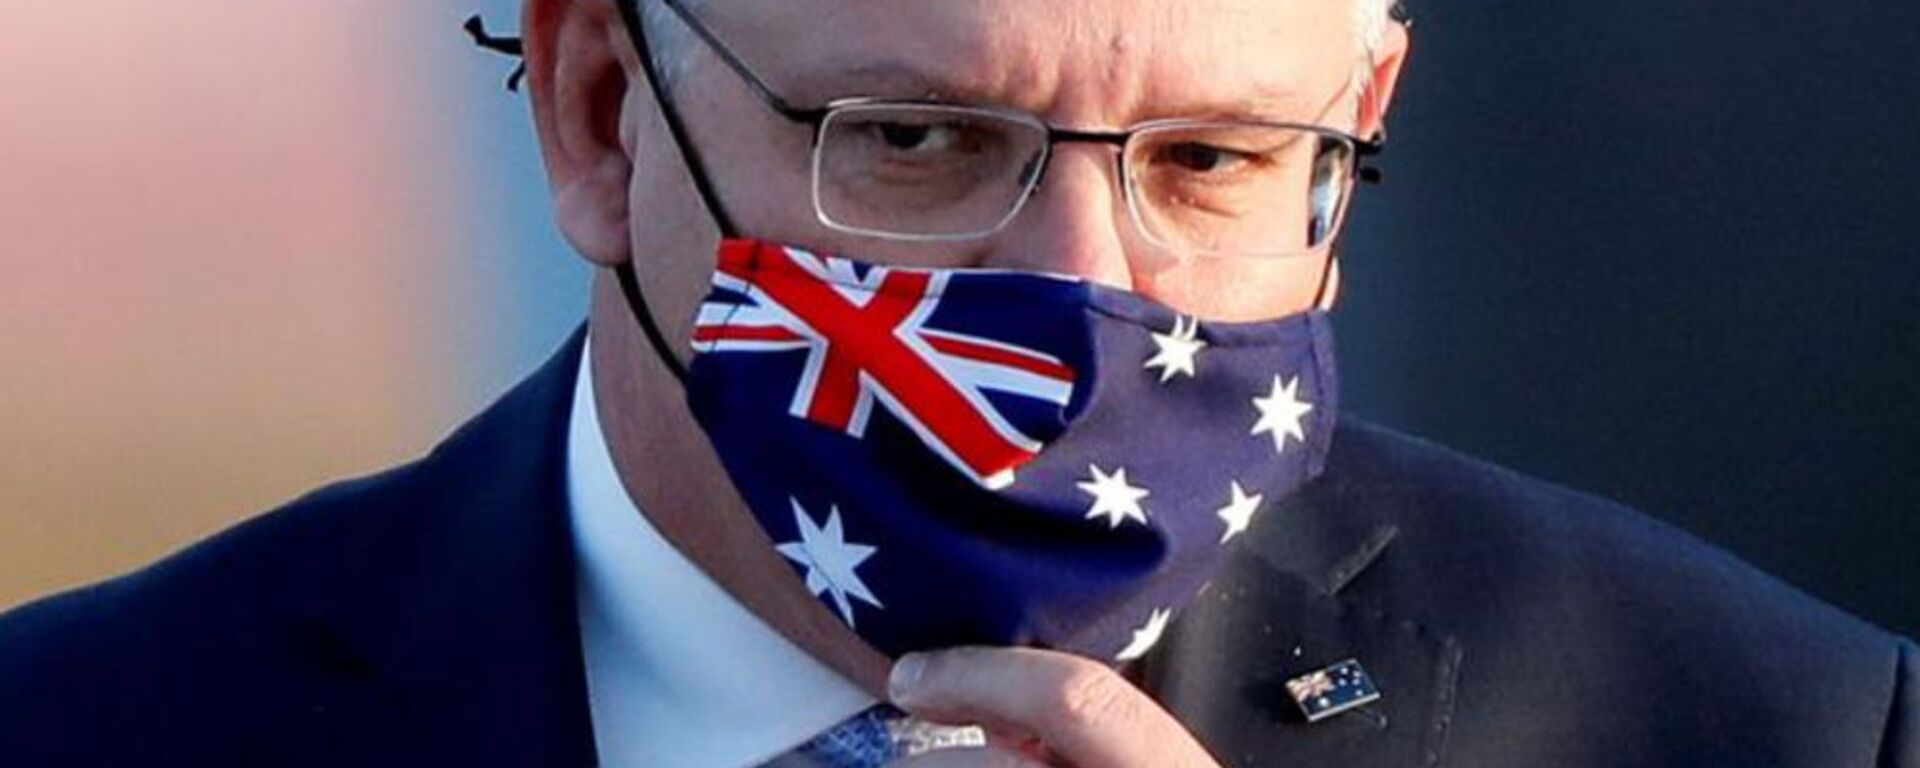 Primo ministro dell'Australia Scott Morrison - Sputnik Italia, 1920, 24.09.2021